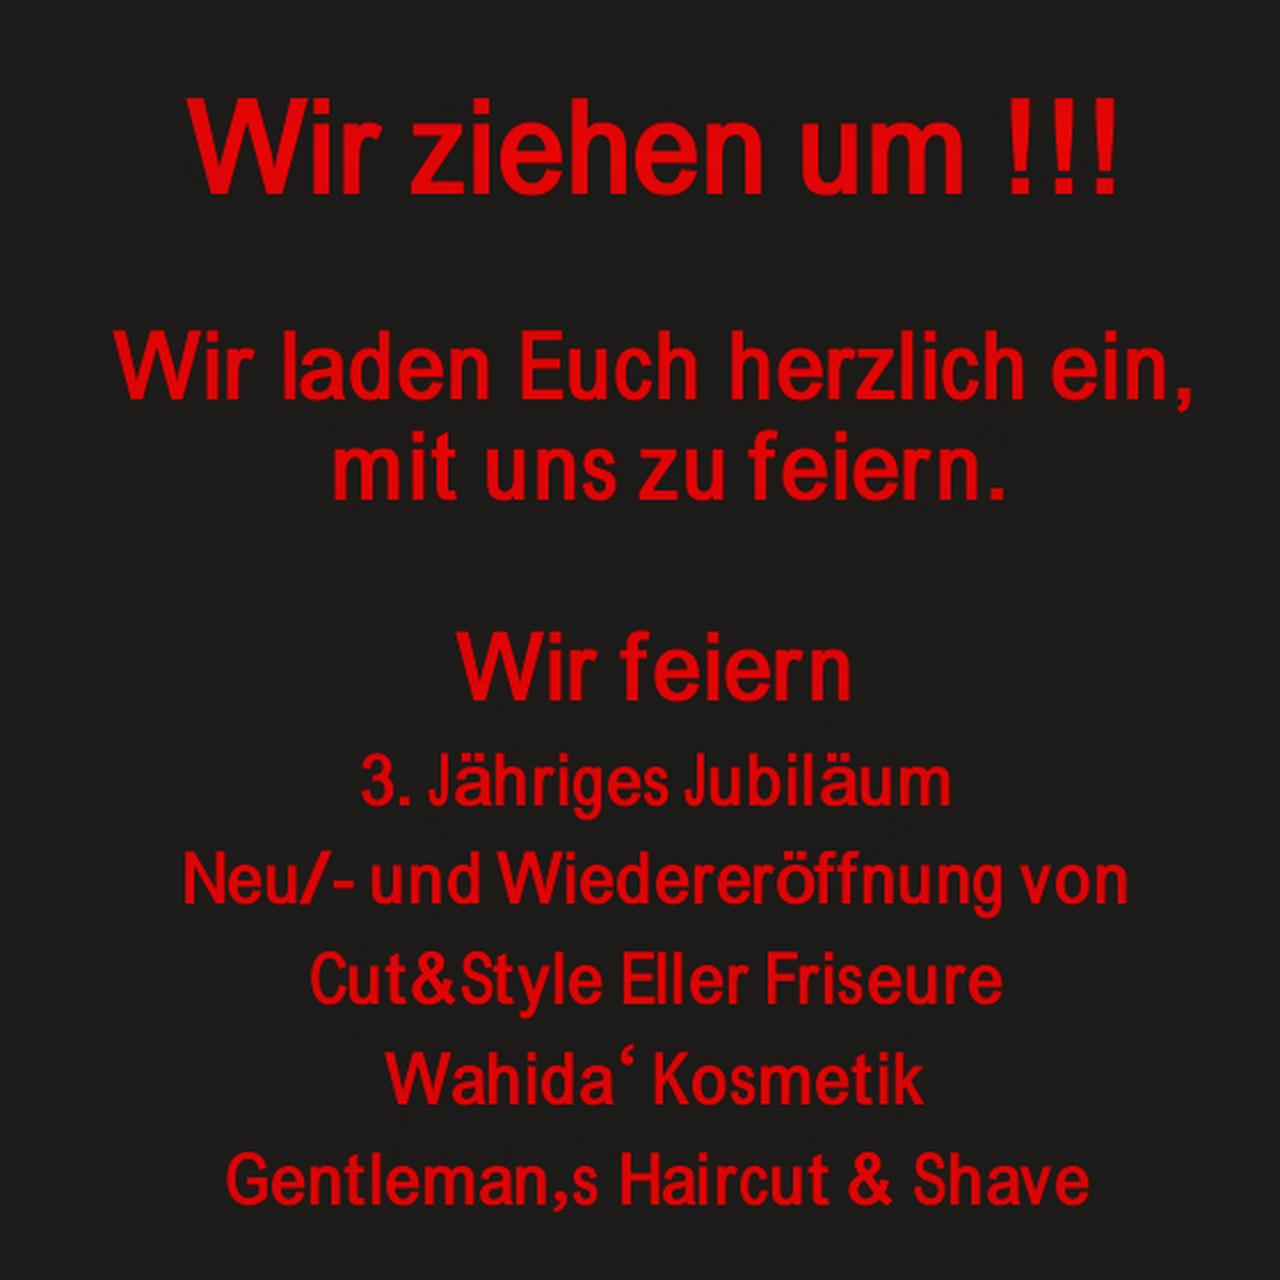 Friseur Bonames